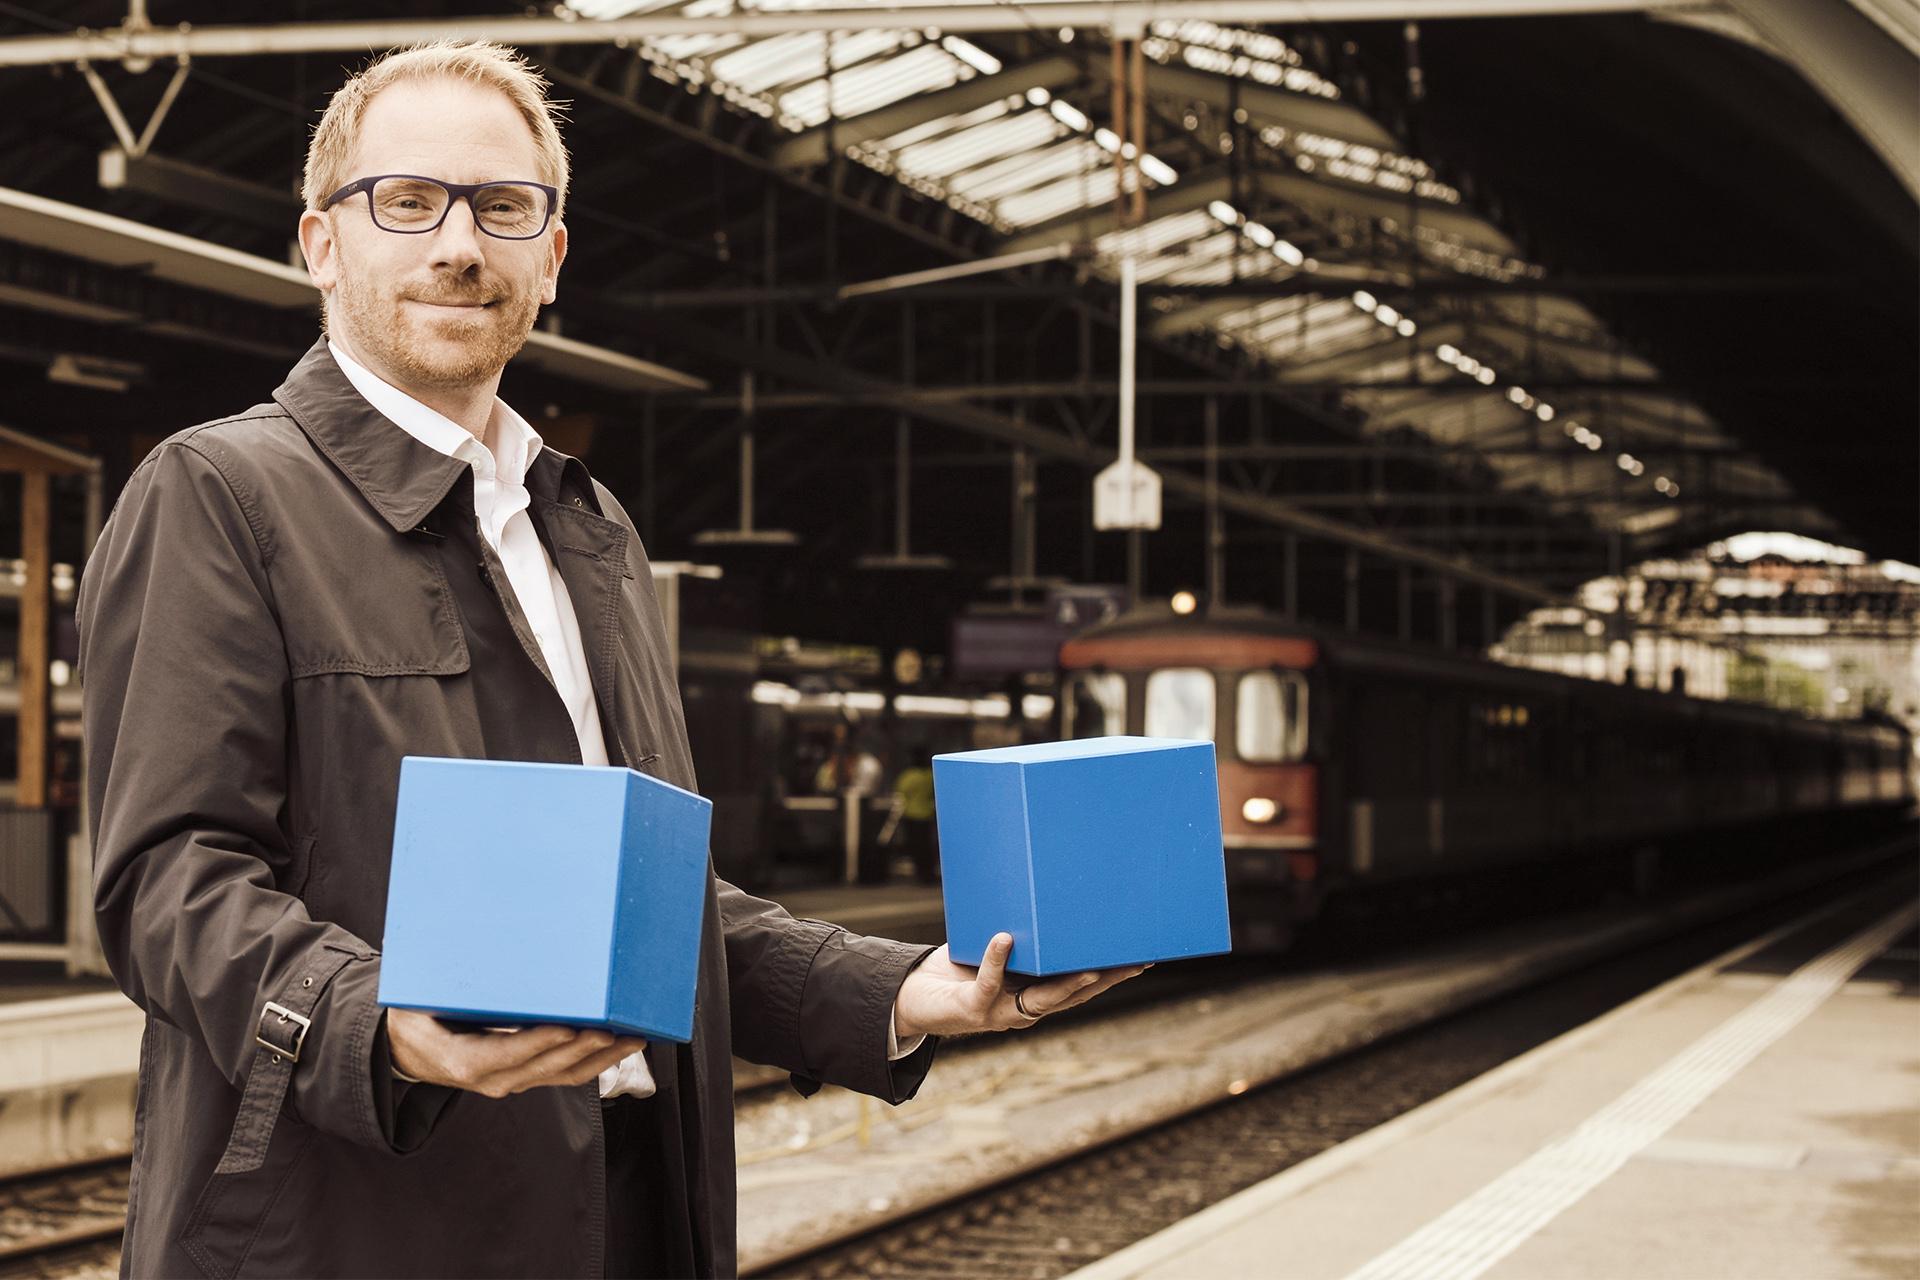 Ein Student steht auf dem Perron eines Bahnhofs und hält zwei blaue Würfel in den Händen.